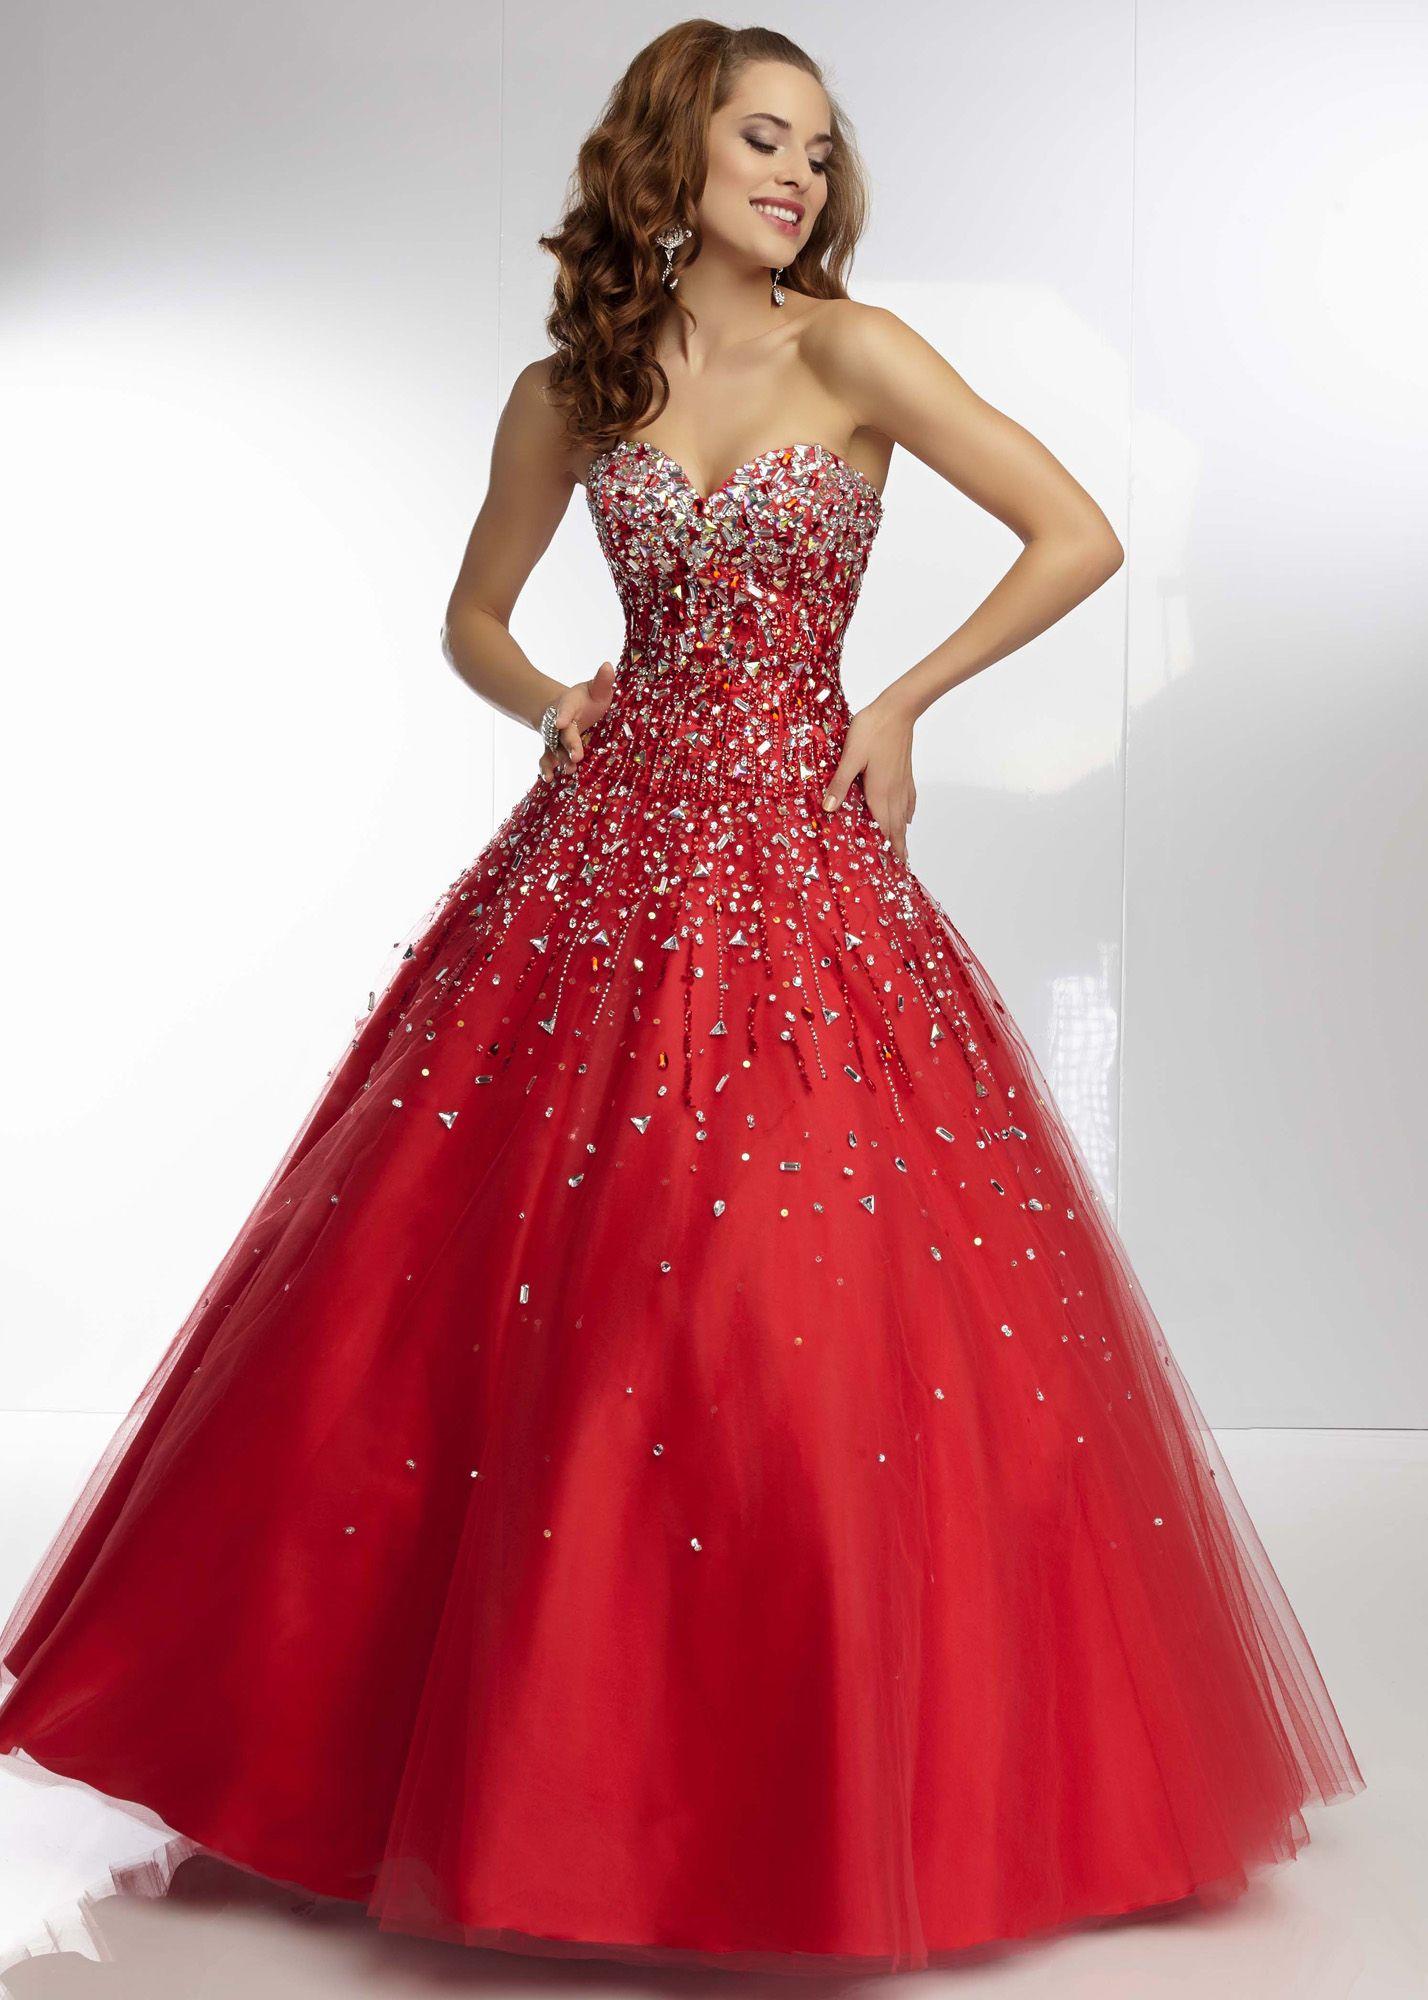 Mori lee stiletto strapless beaded prom dresses online